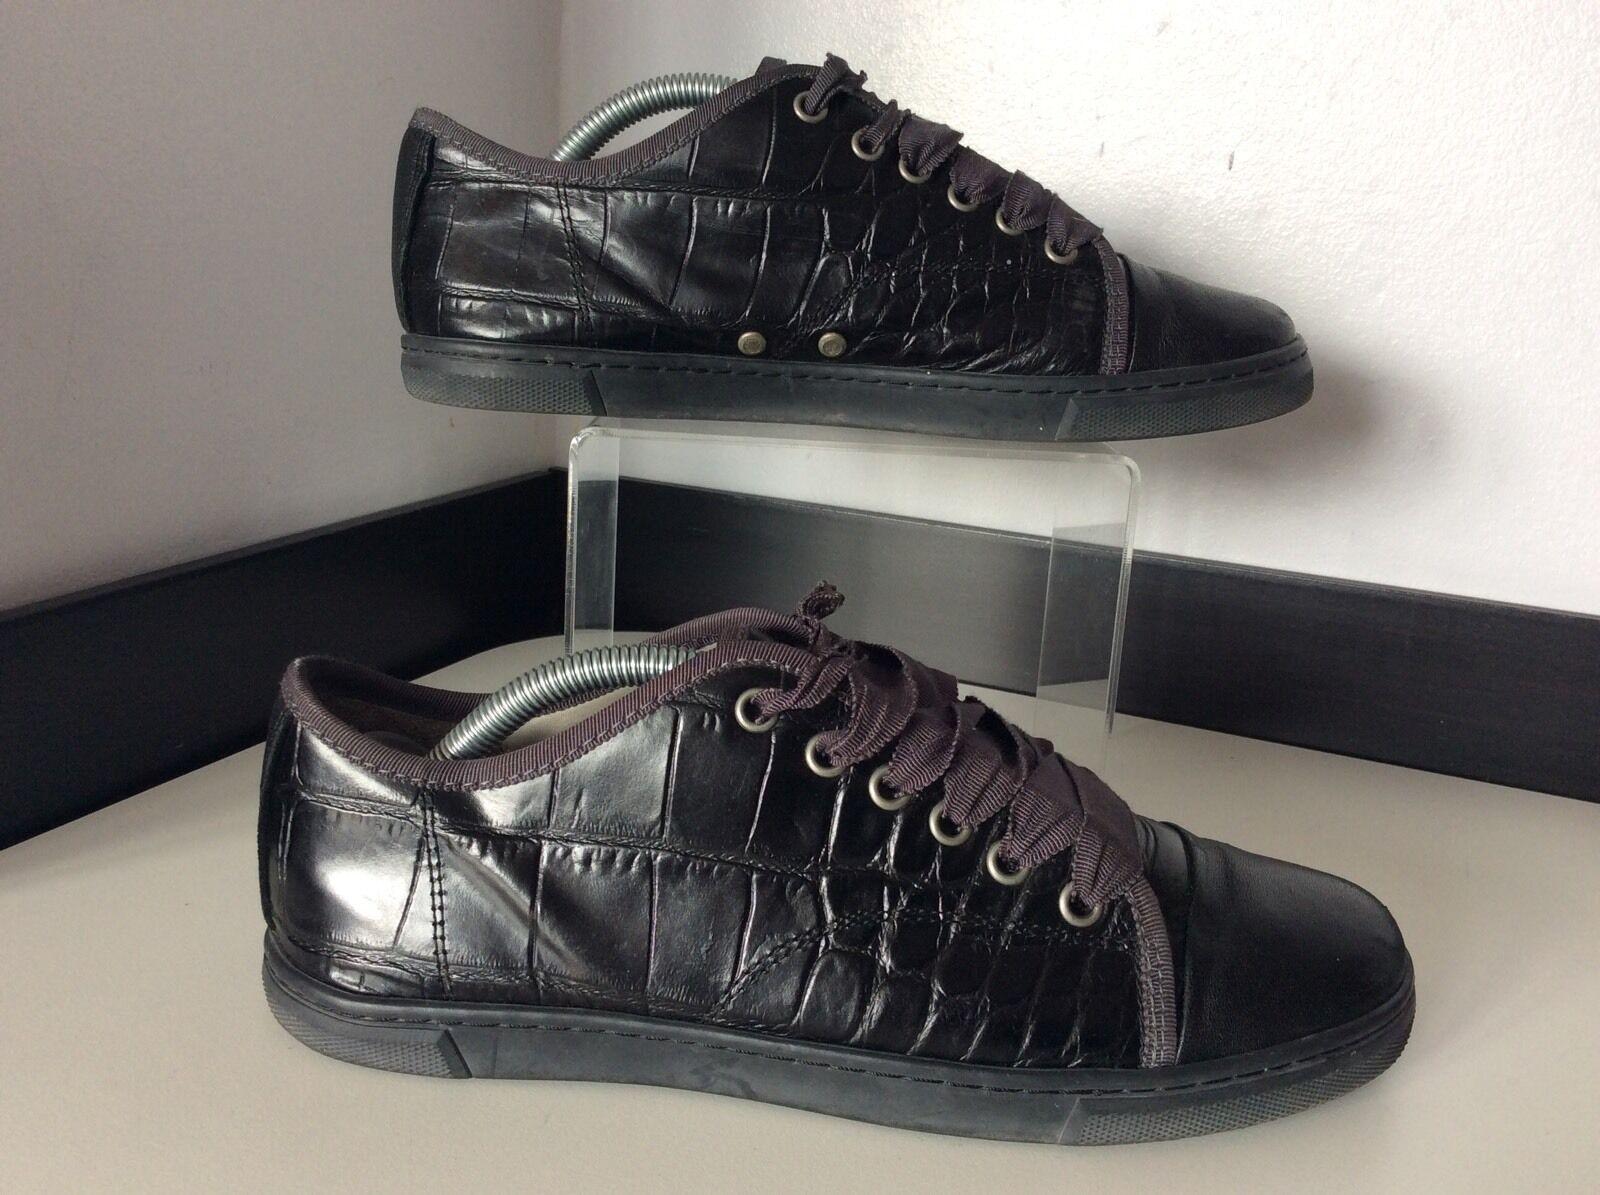 Los últimos zapatos de descuento para hombres y mujeres Lanvin Negro Cuero Tenis Zapatos Reino Unido 5 en muy buen estado bombas para Mujer